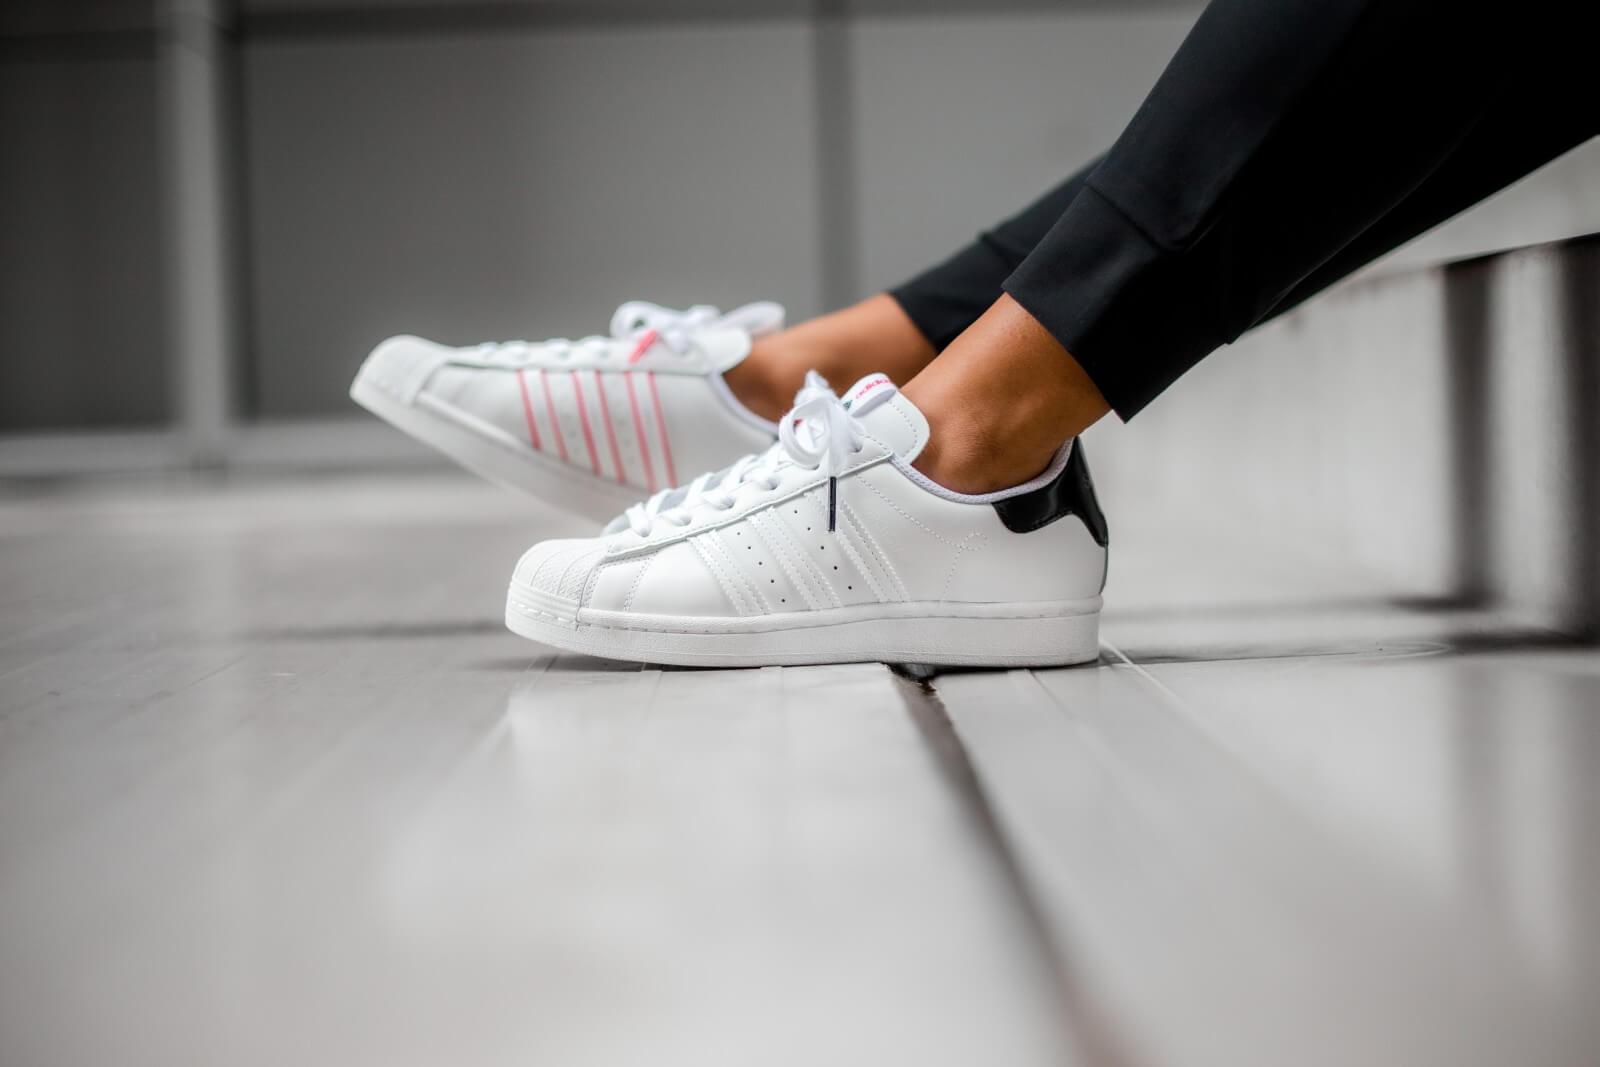 Adidas Superstar Shanghai Footwear WhiteCore Black Shock Pink FW2818